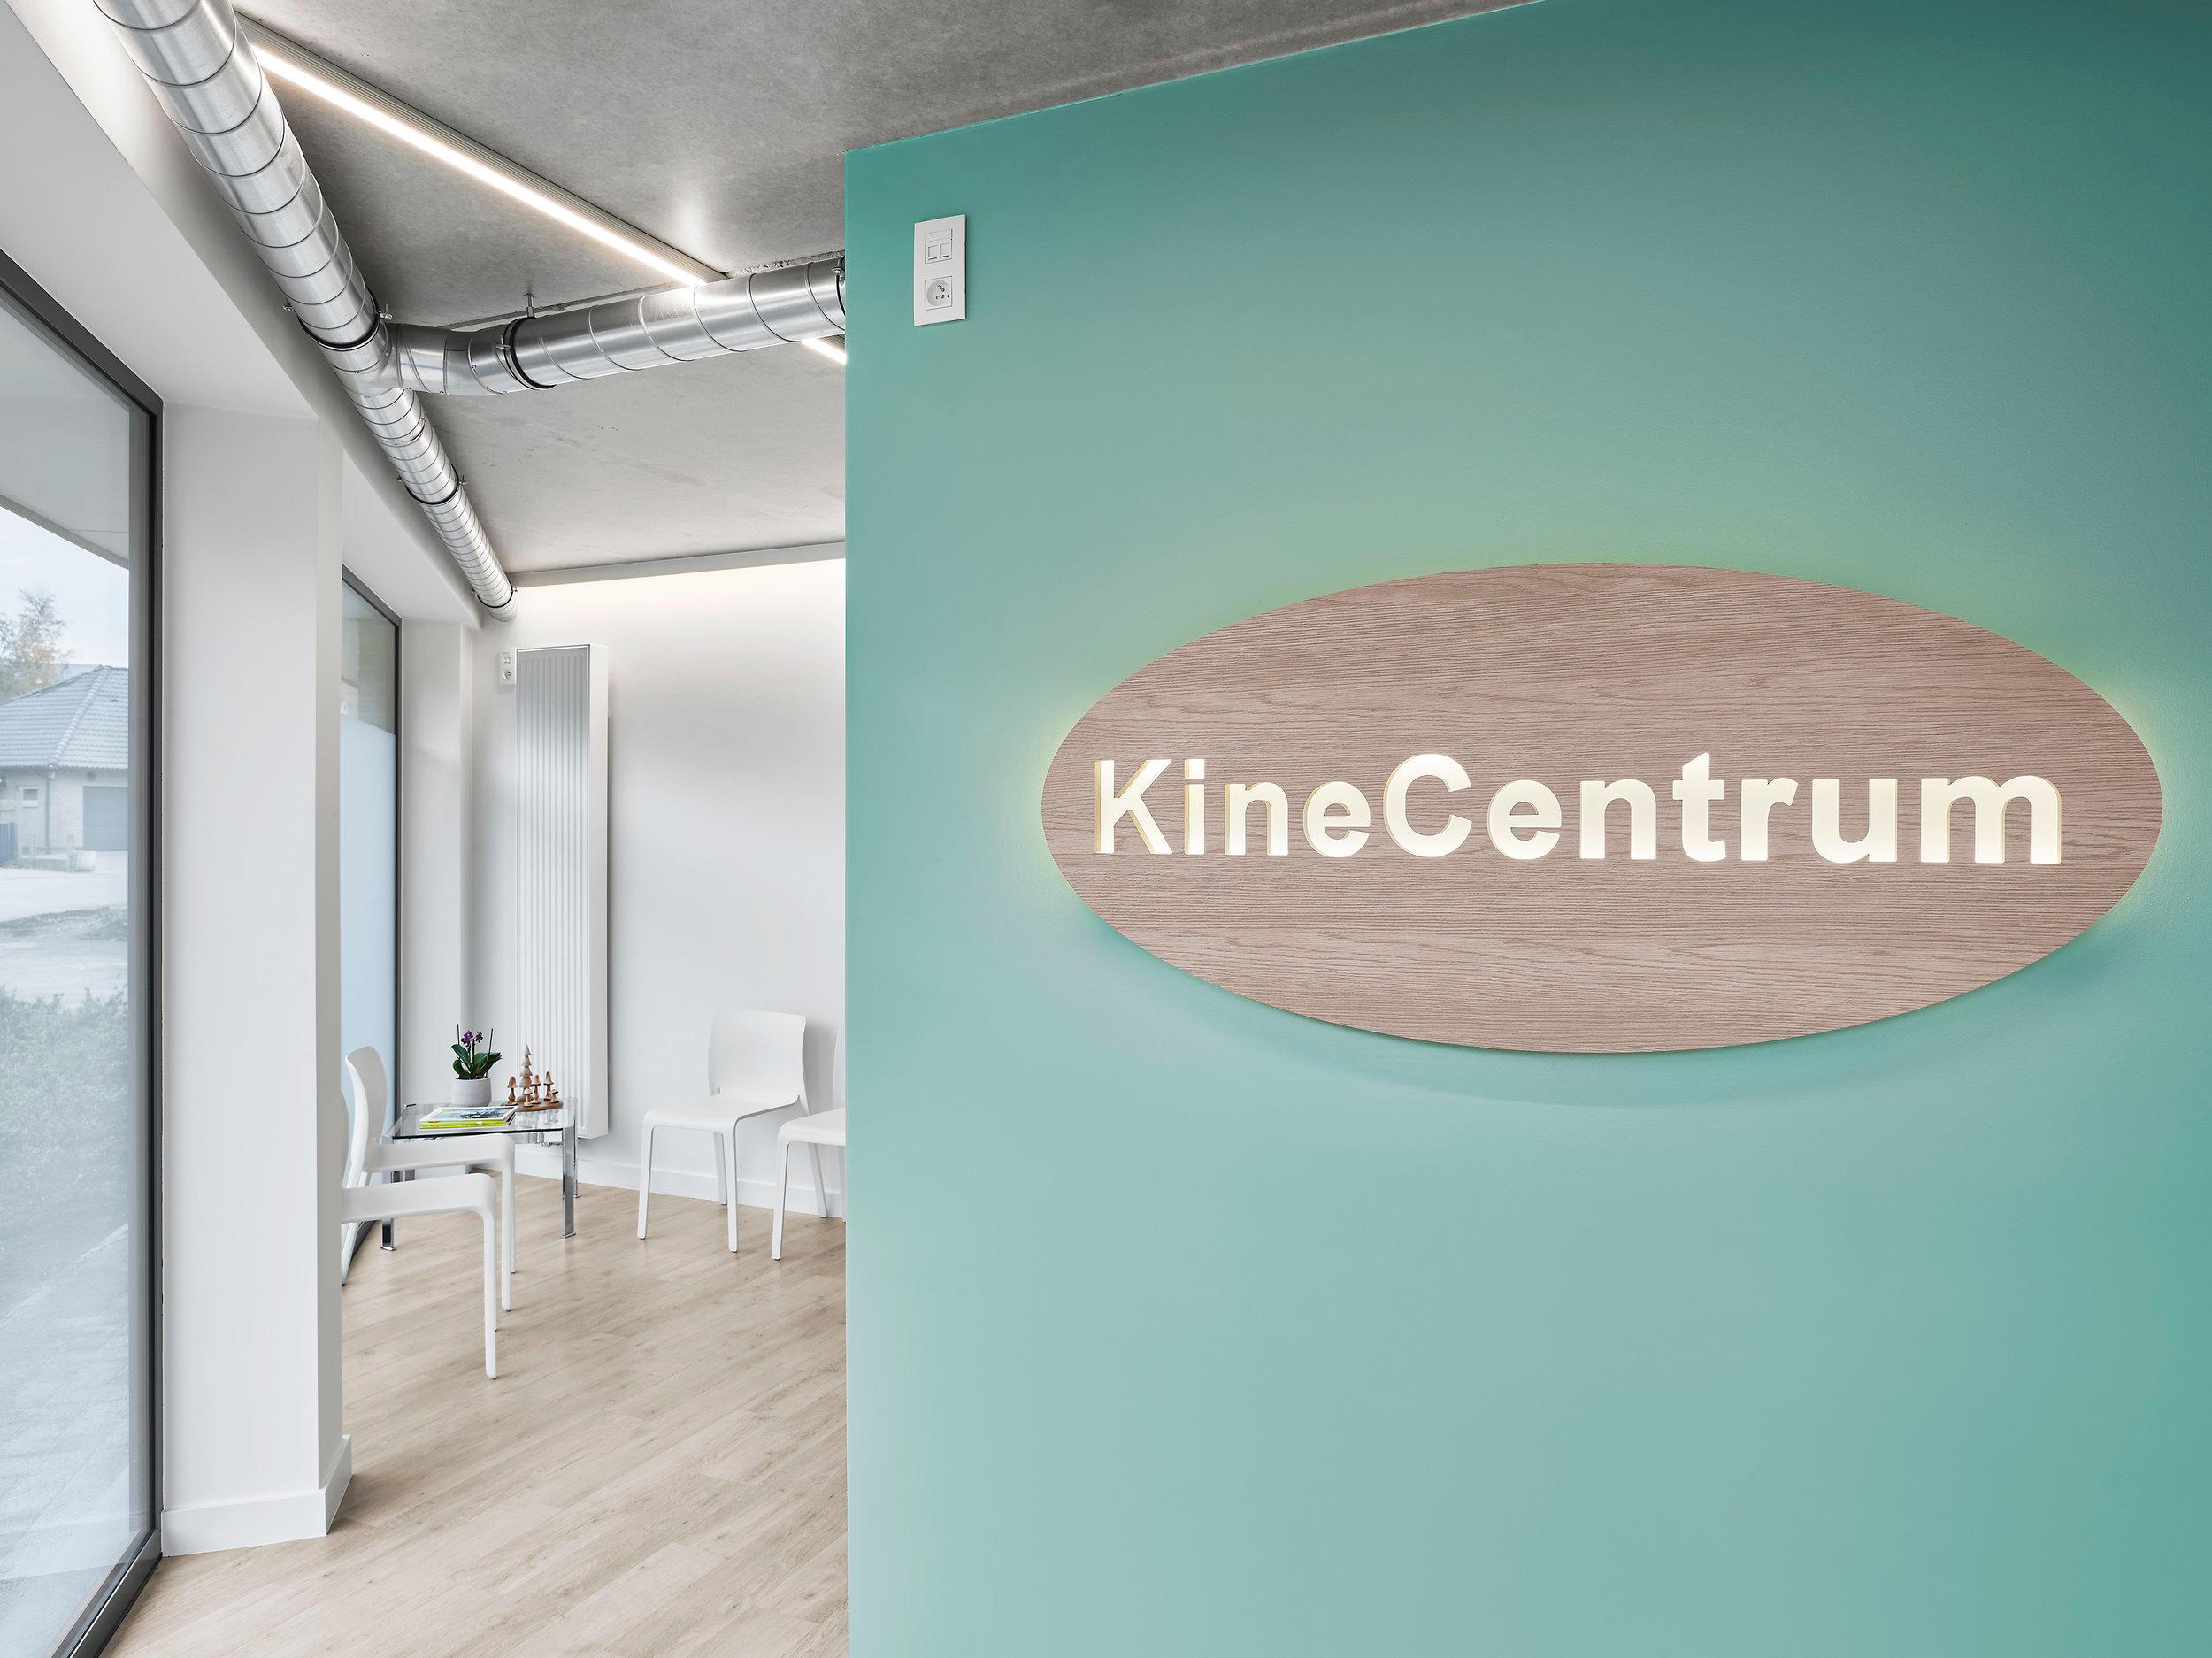 KineCentrum Kasterlee / Mieke Pauwels